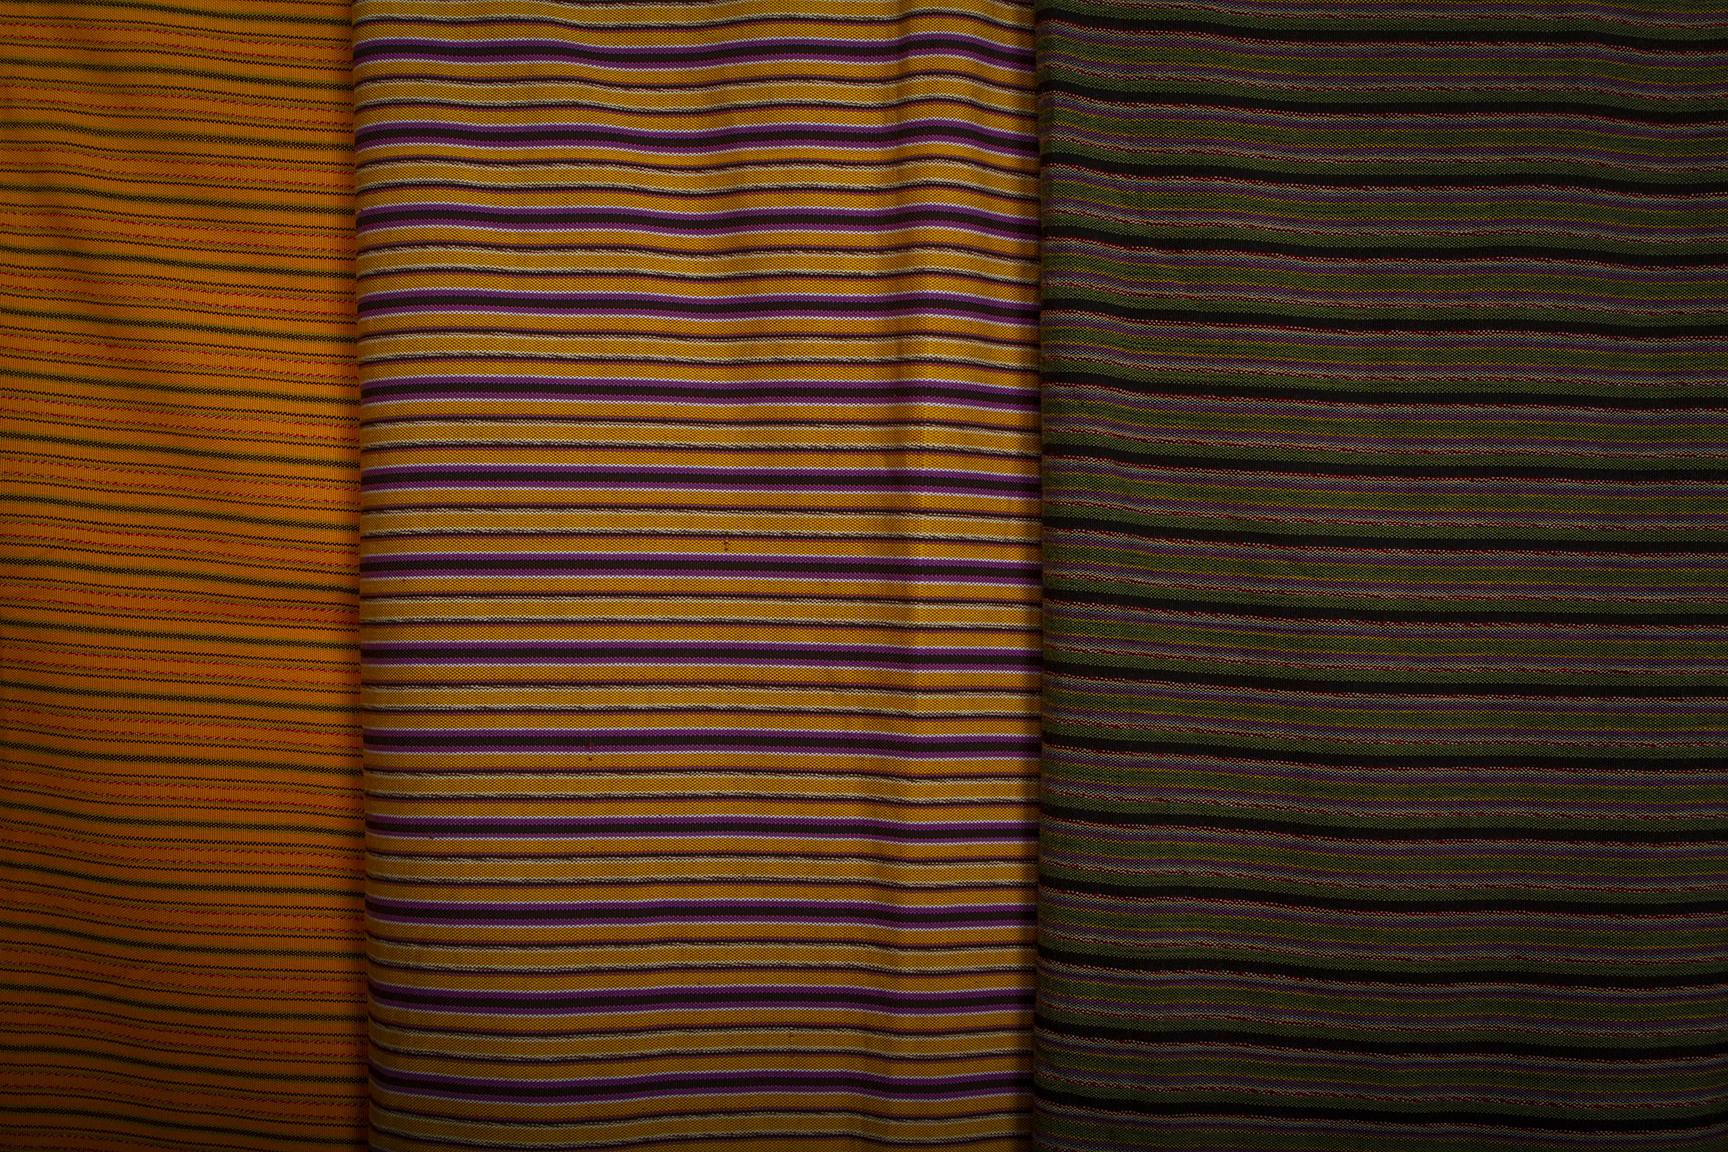 Thai Style Studio 1984 ซิ่น / ล้านนากับผ้าซิ่น / ภูมิปัญญาผ้าพื้นเมืองล้านนา 15